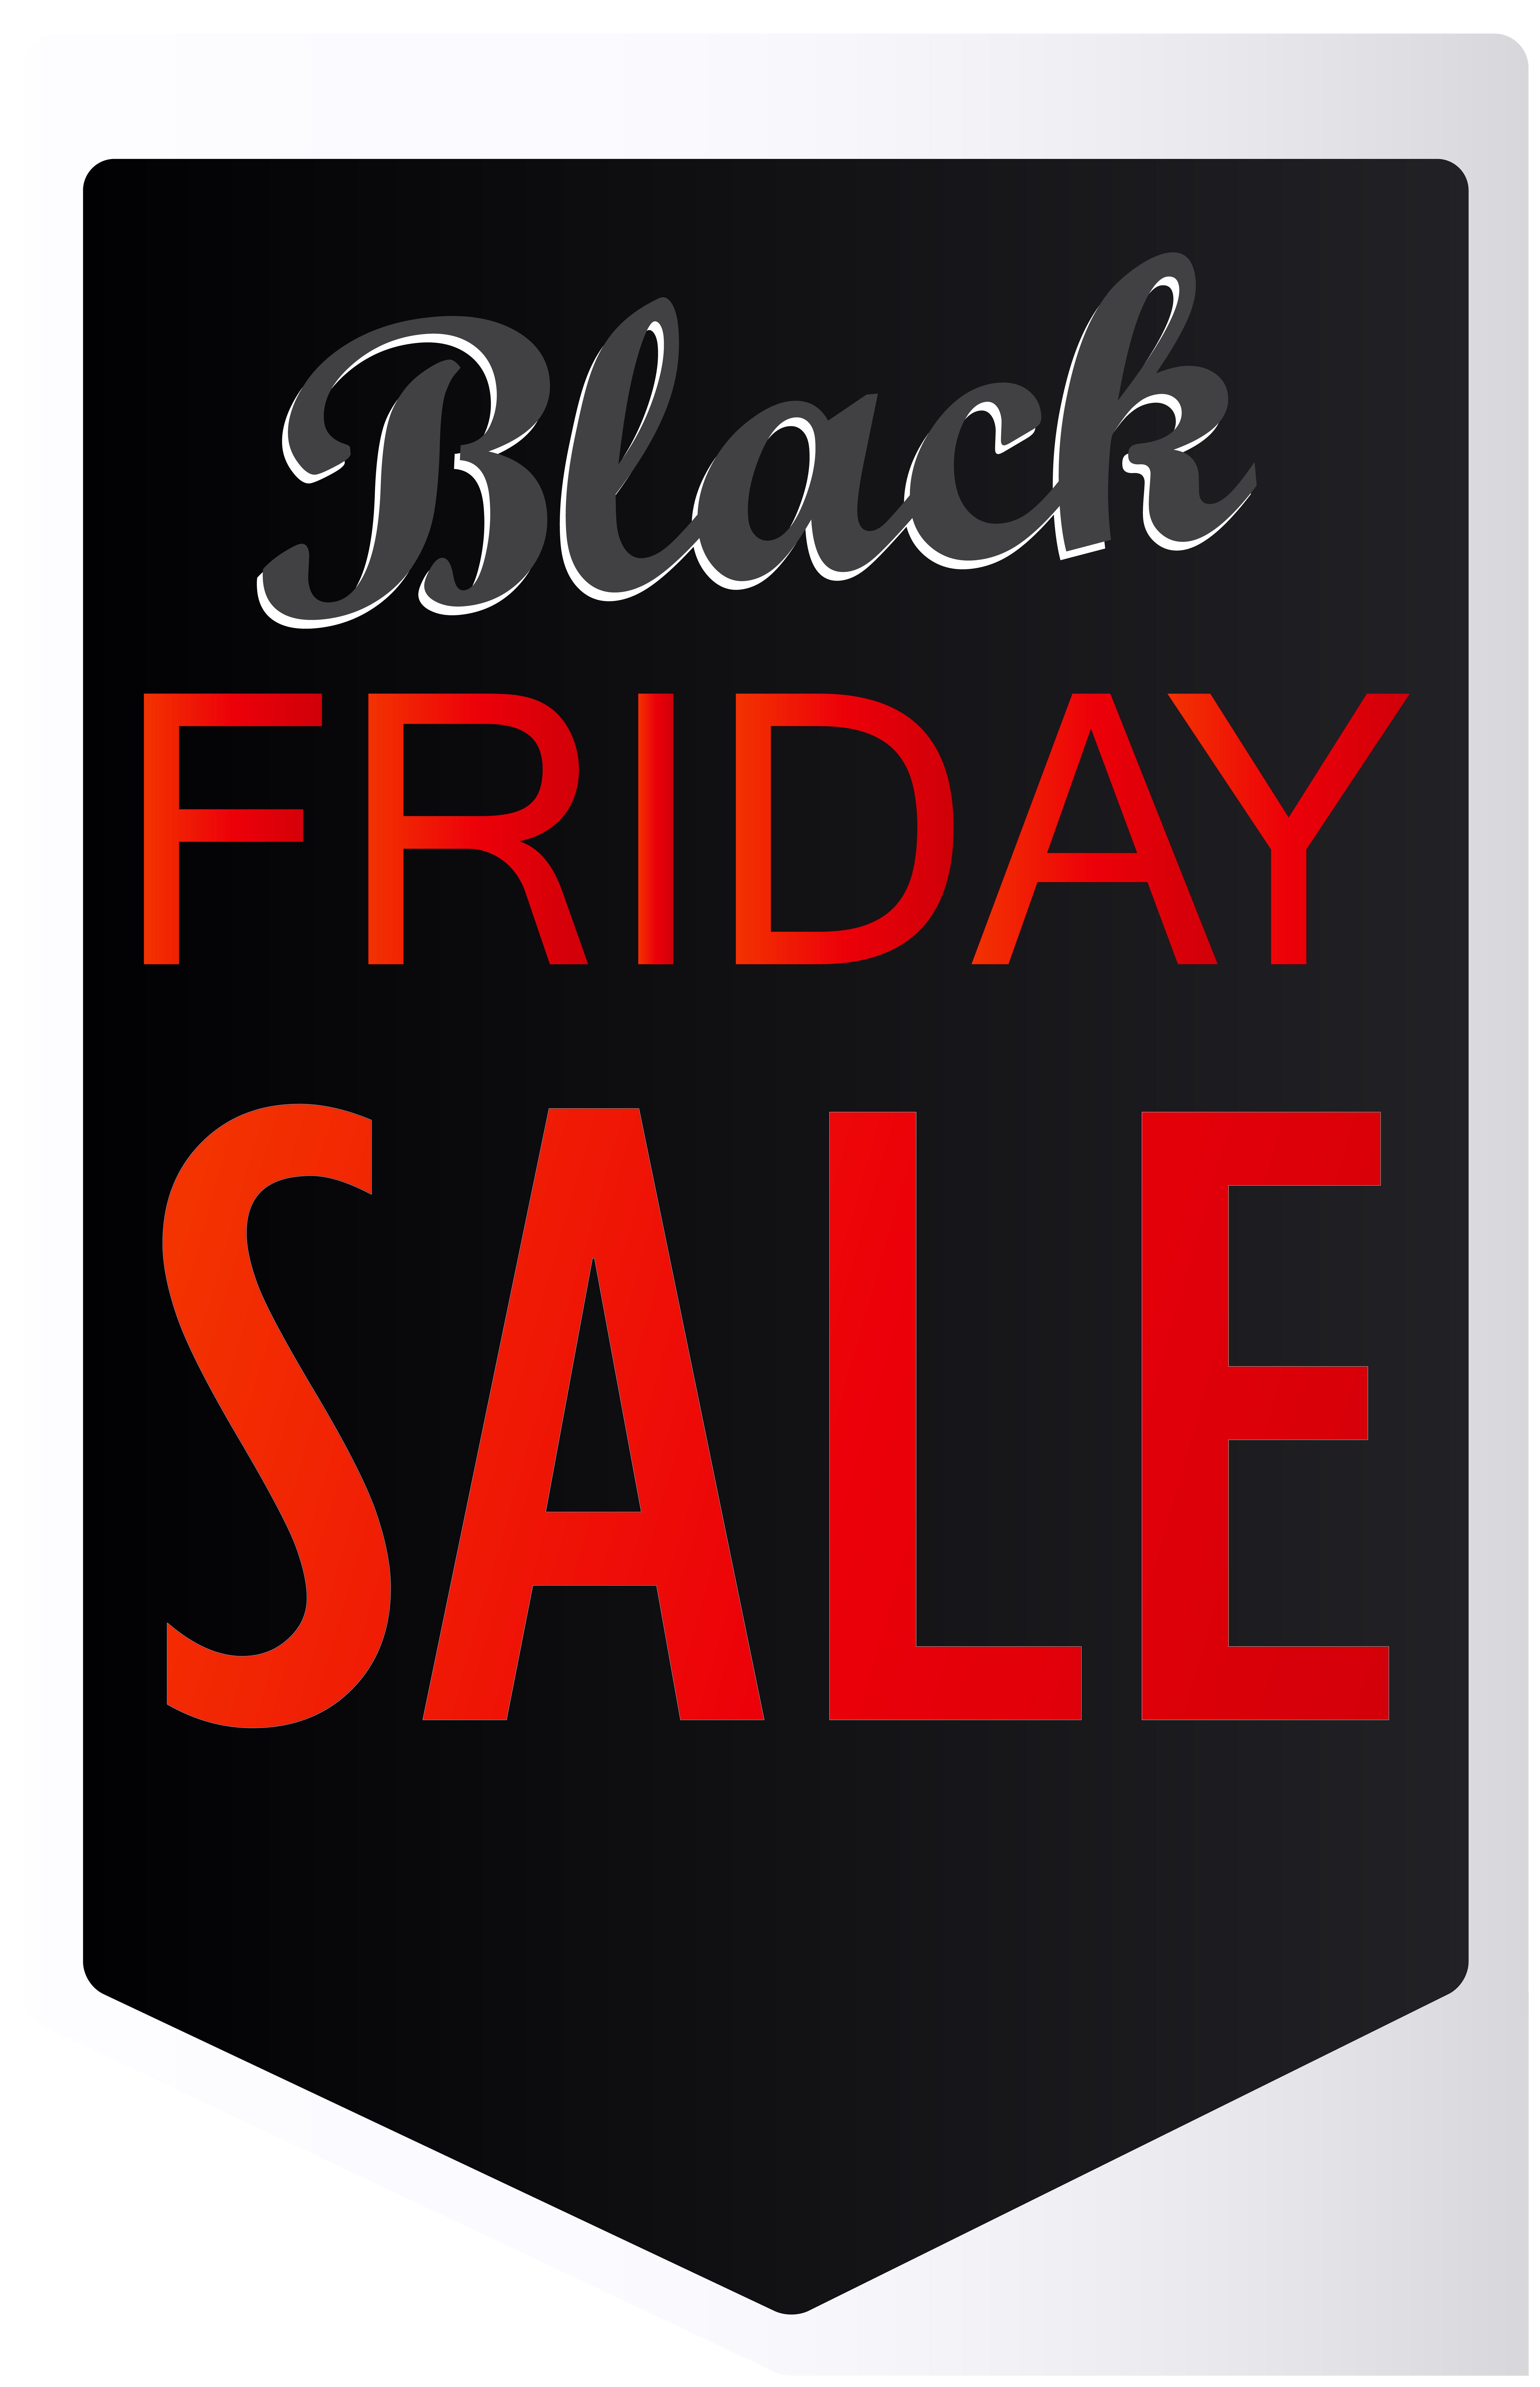 Black Friday Sale Label PNG Clip Art Image.